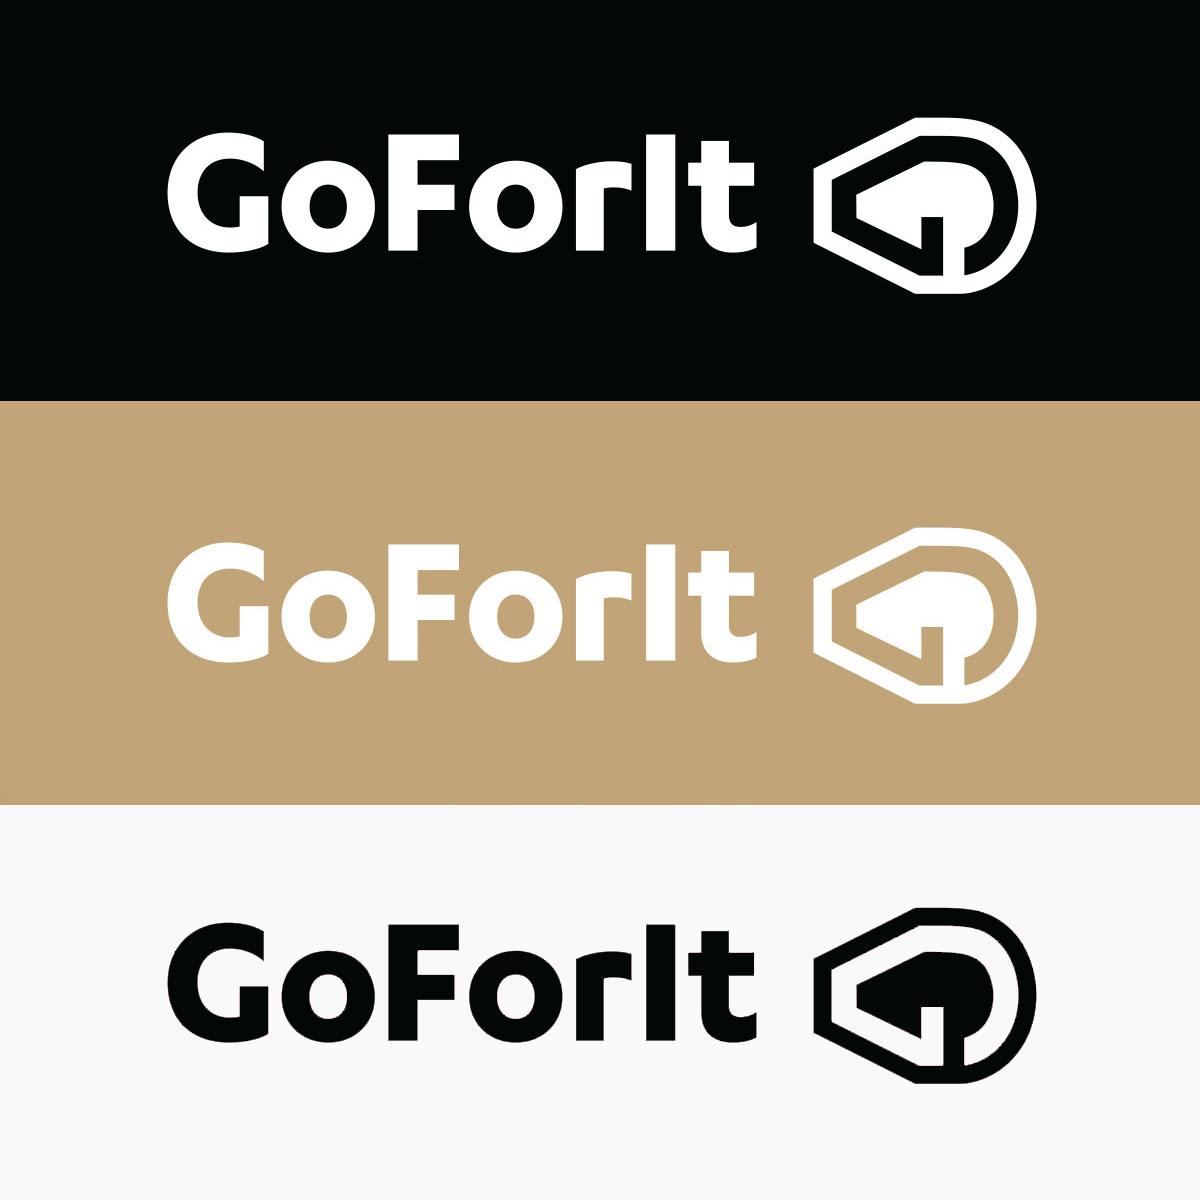 goforit_logocolors1